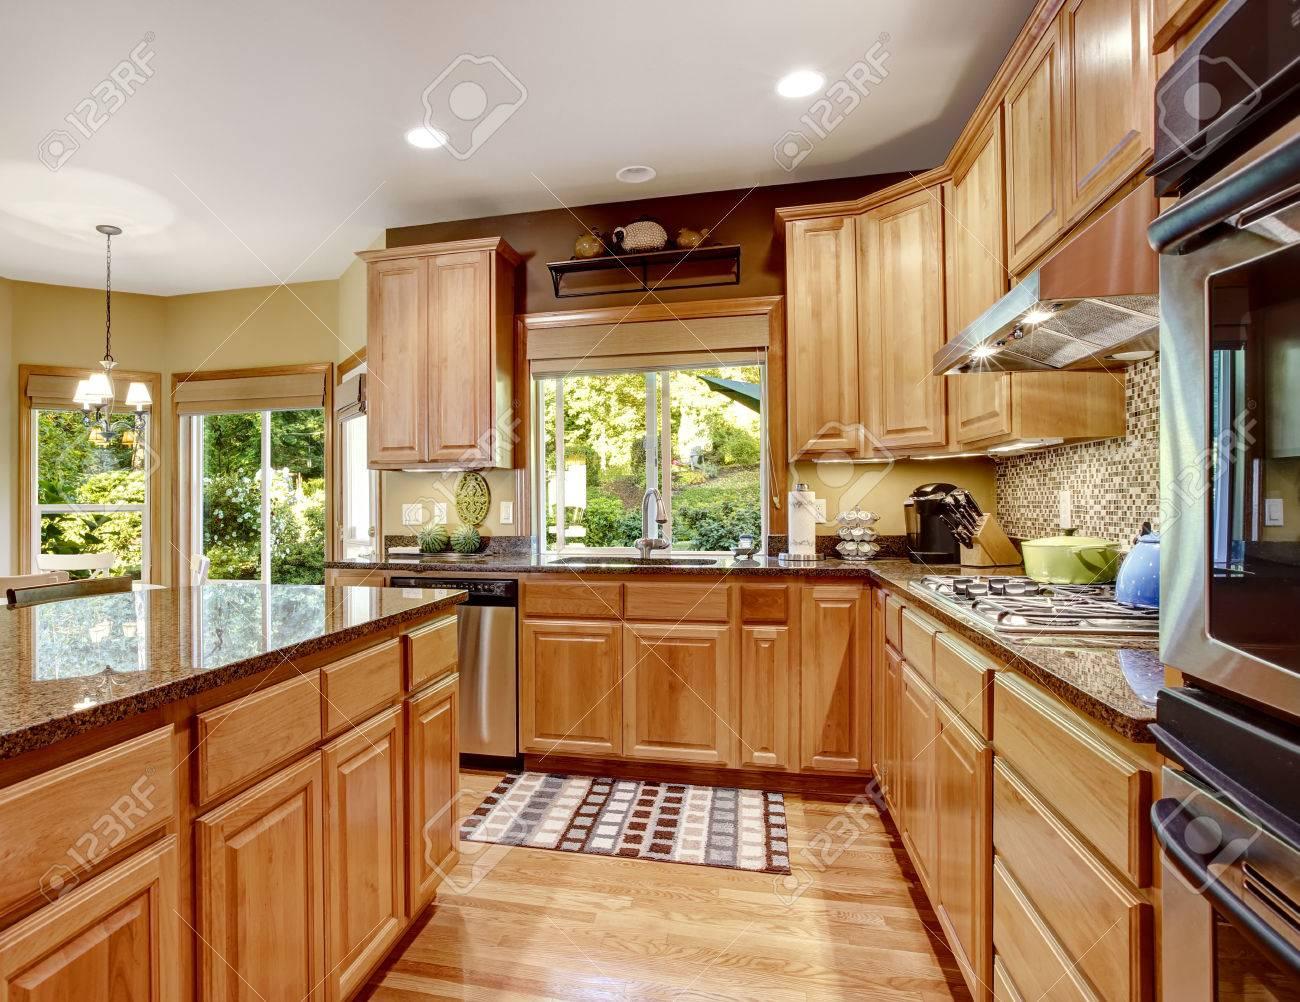 Cuisine Carreaux dedans lumière salle de cuisine brun avec des sommets de granit et îlot de